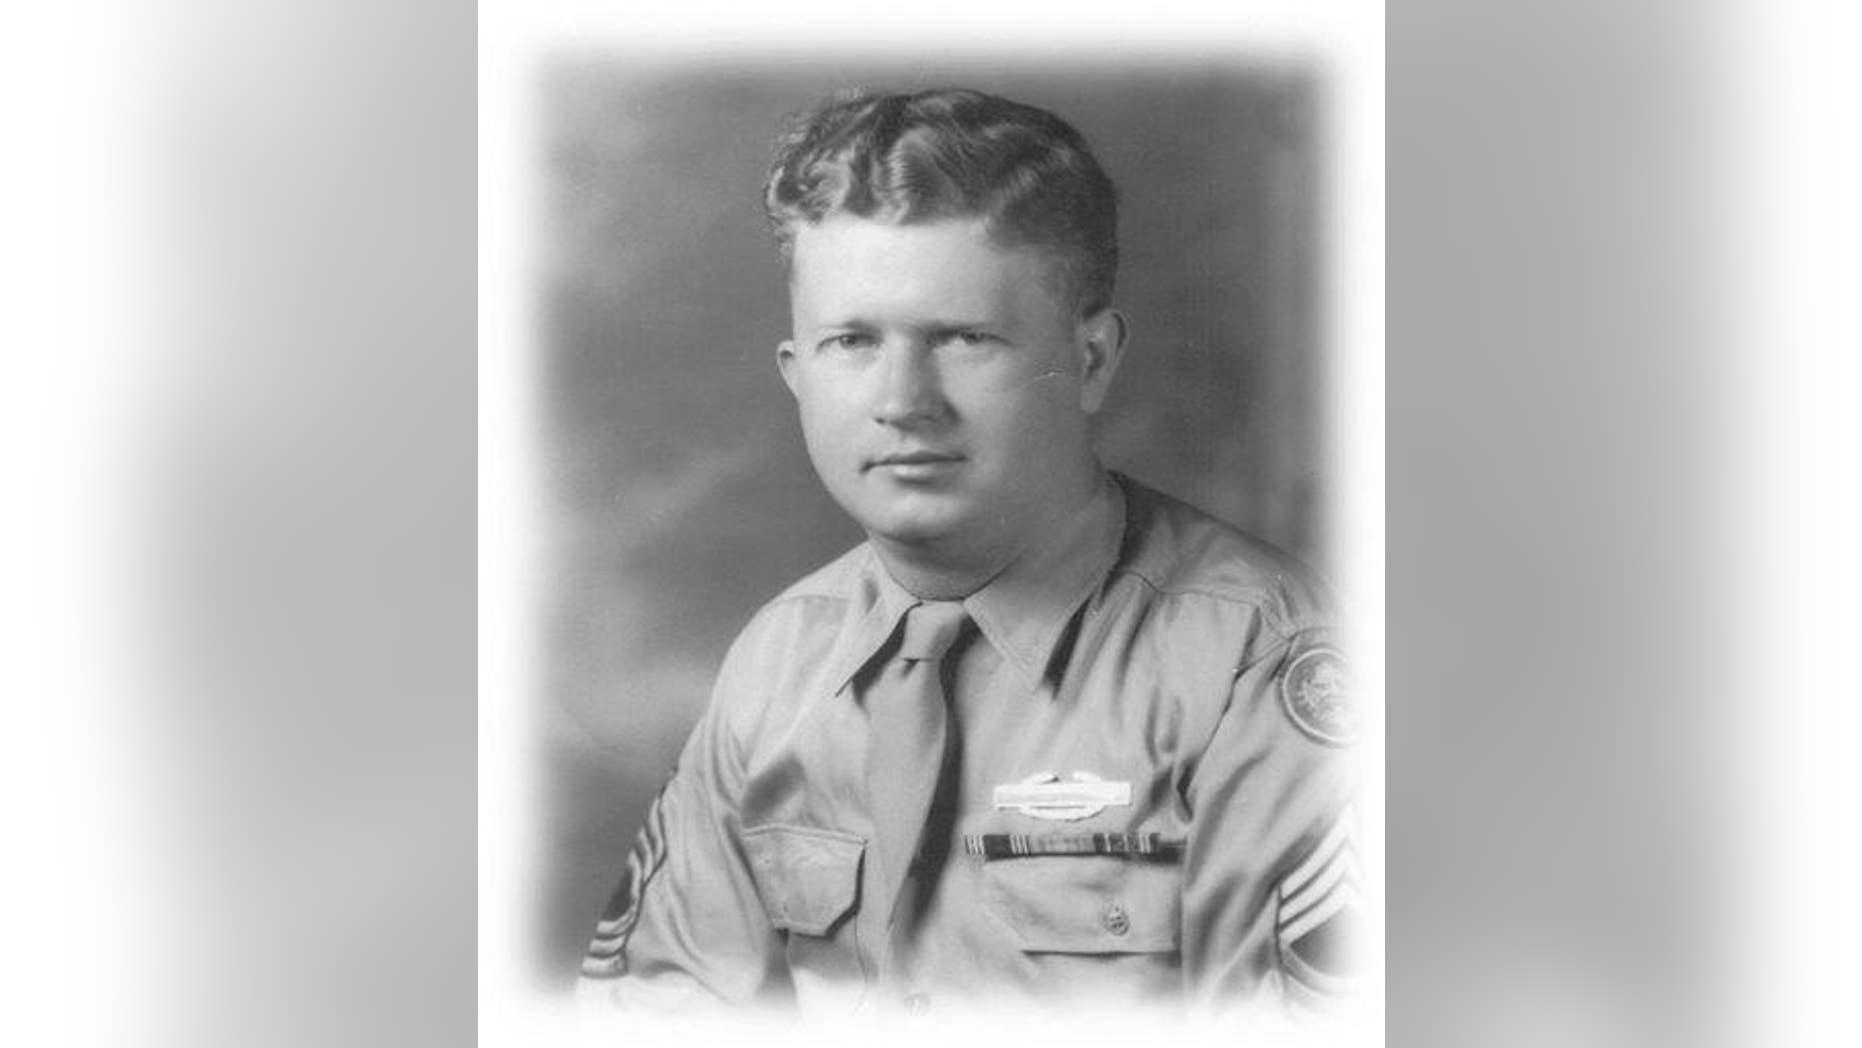 This undated photograph shows World War II, United States Army Master Sgt. Roddie Edmonds.